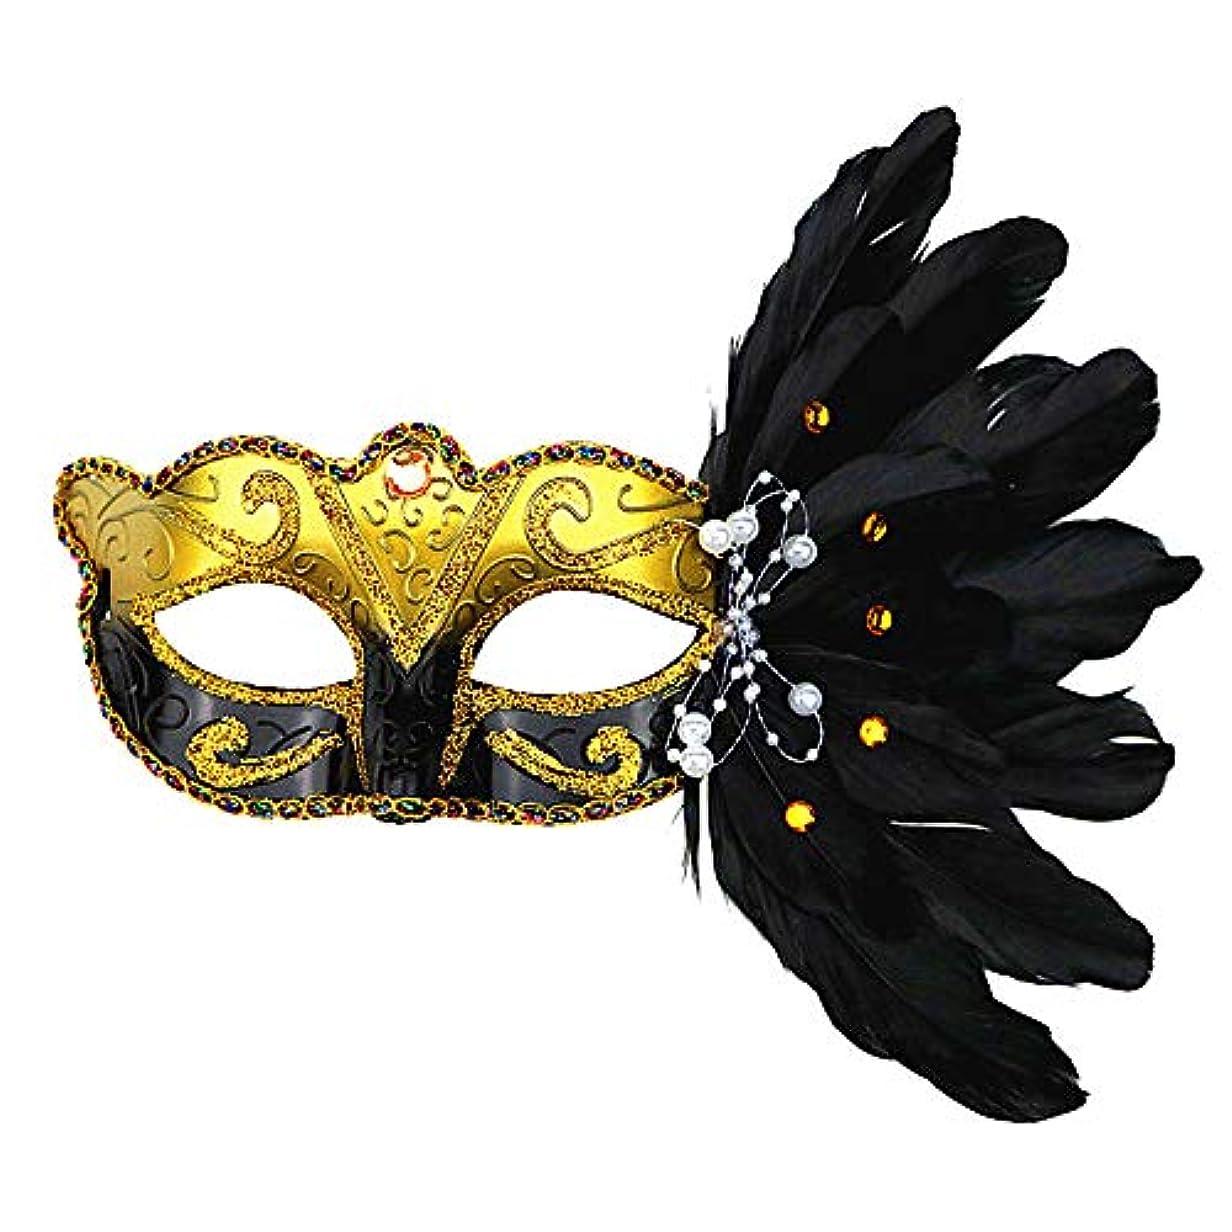 ネットみぞれ考慮Auntwhale ハロウィーンマスク大人恐怖コスチューム、ペイントフェザーファンシーマスカレードパーティーハロウィンマスク、フェスティバル通気性ギフトヘッドマスク